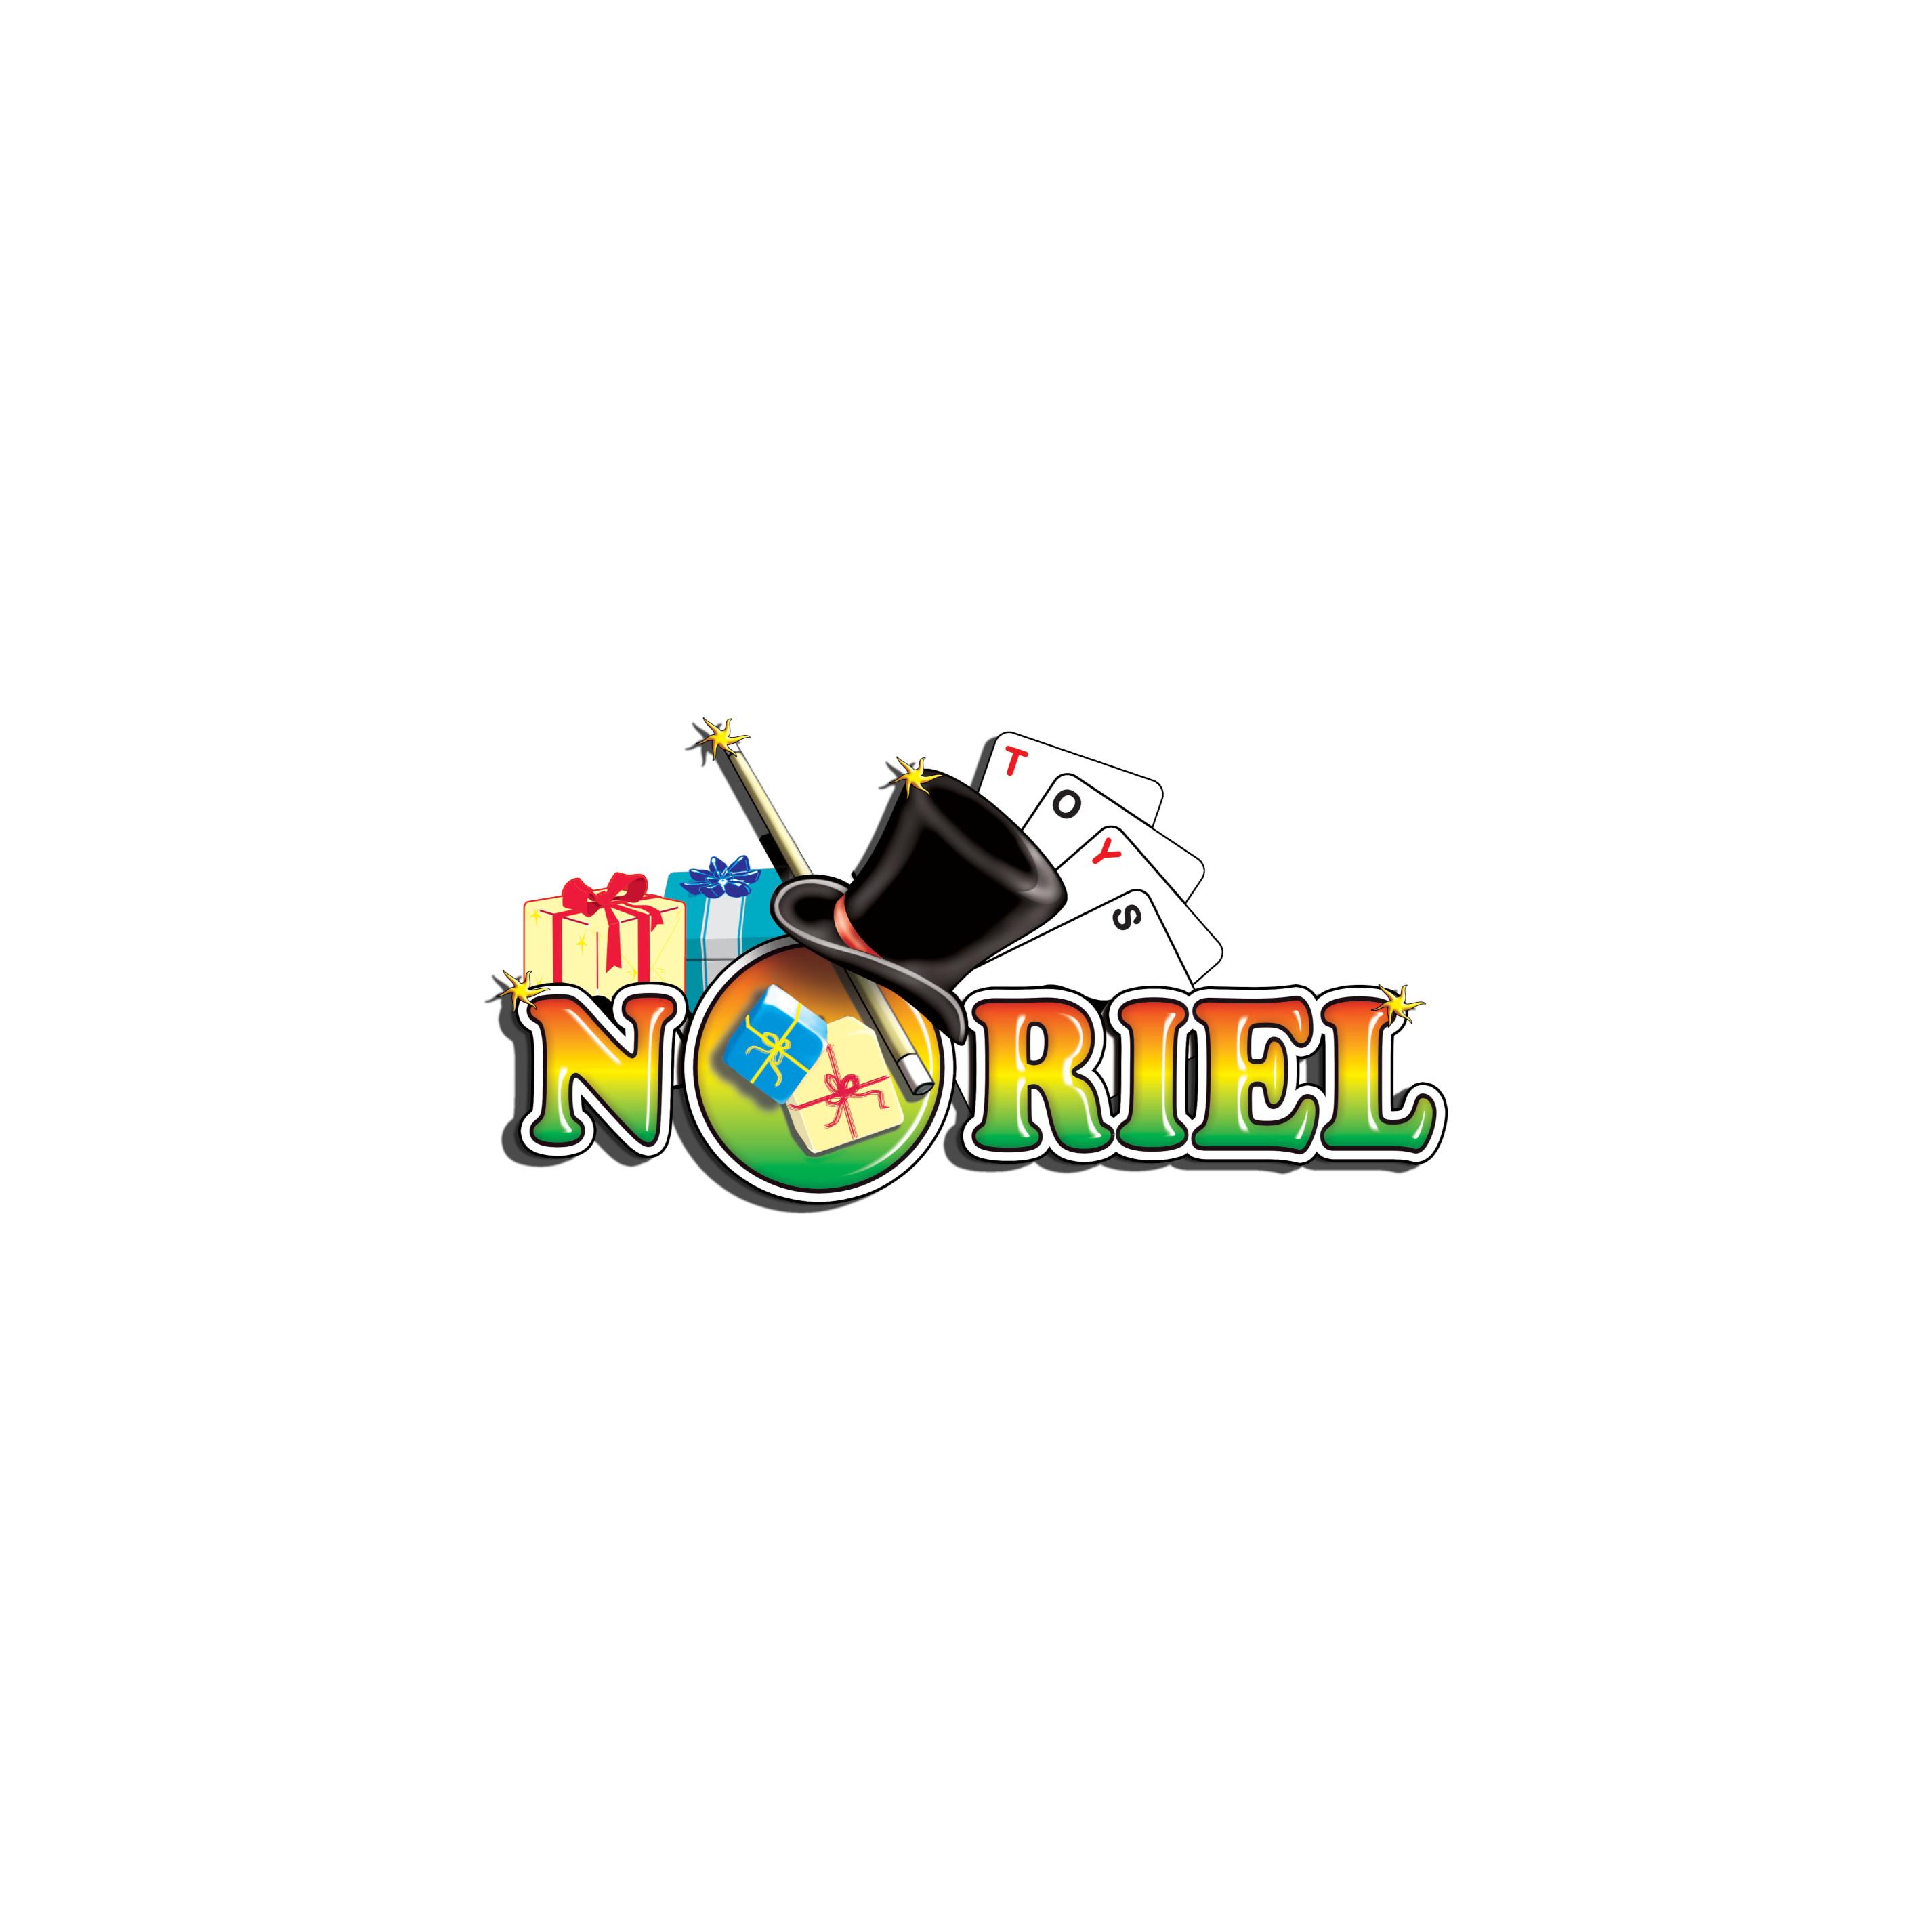 NNB0057_004w Set Nanables, Twinkle Twinkle Inn Rainbow Way